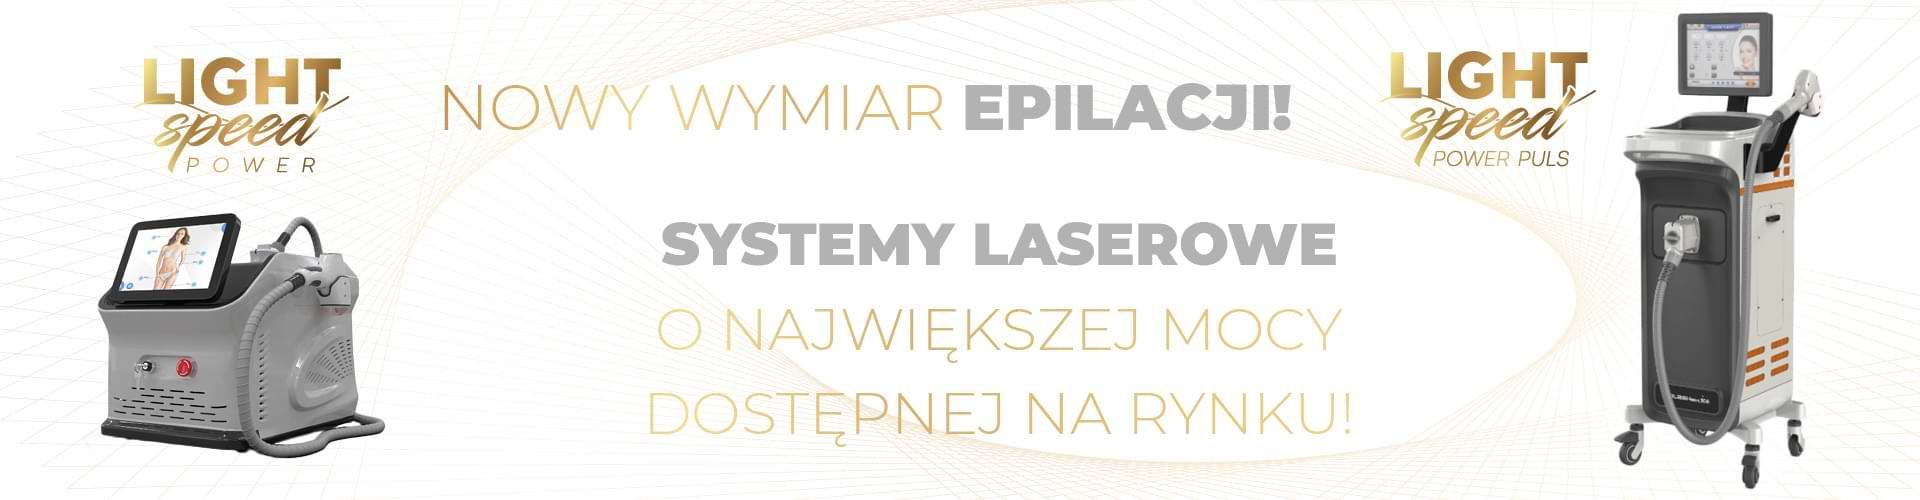 baner_www_LSP